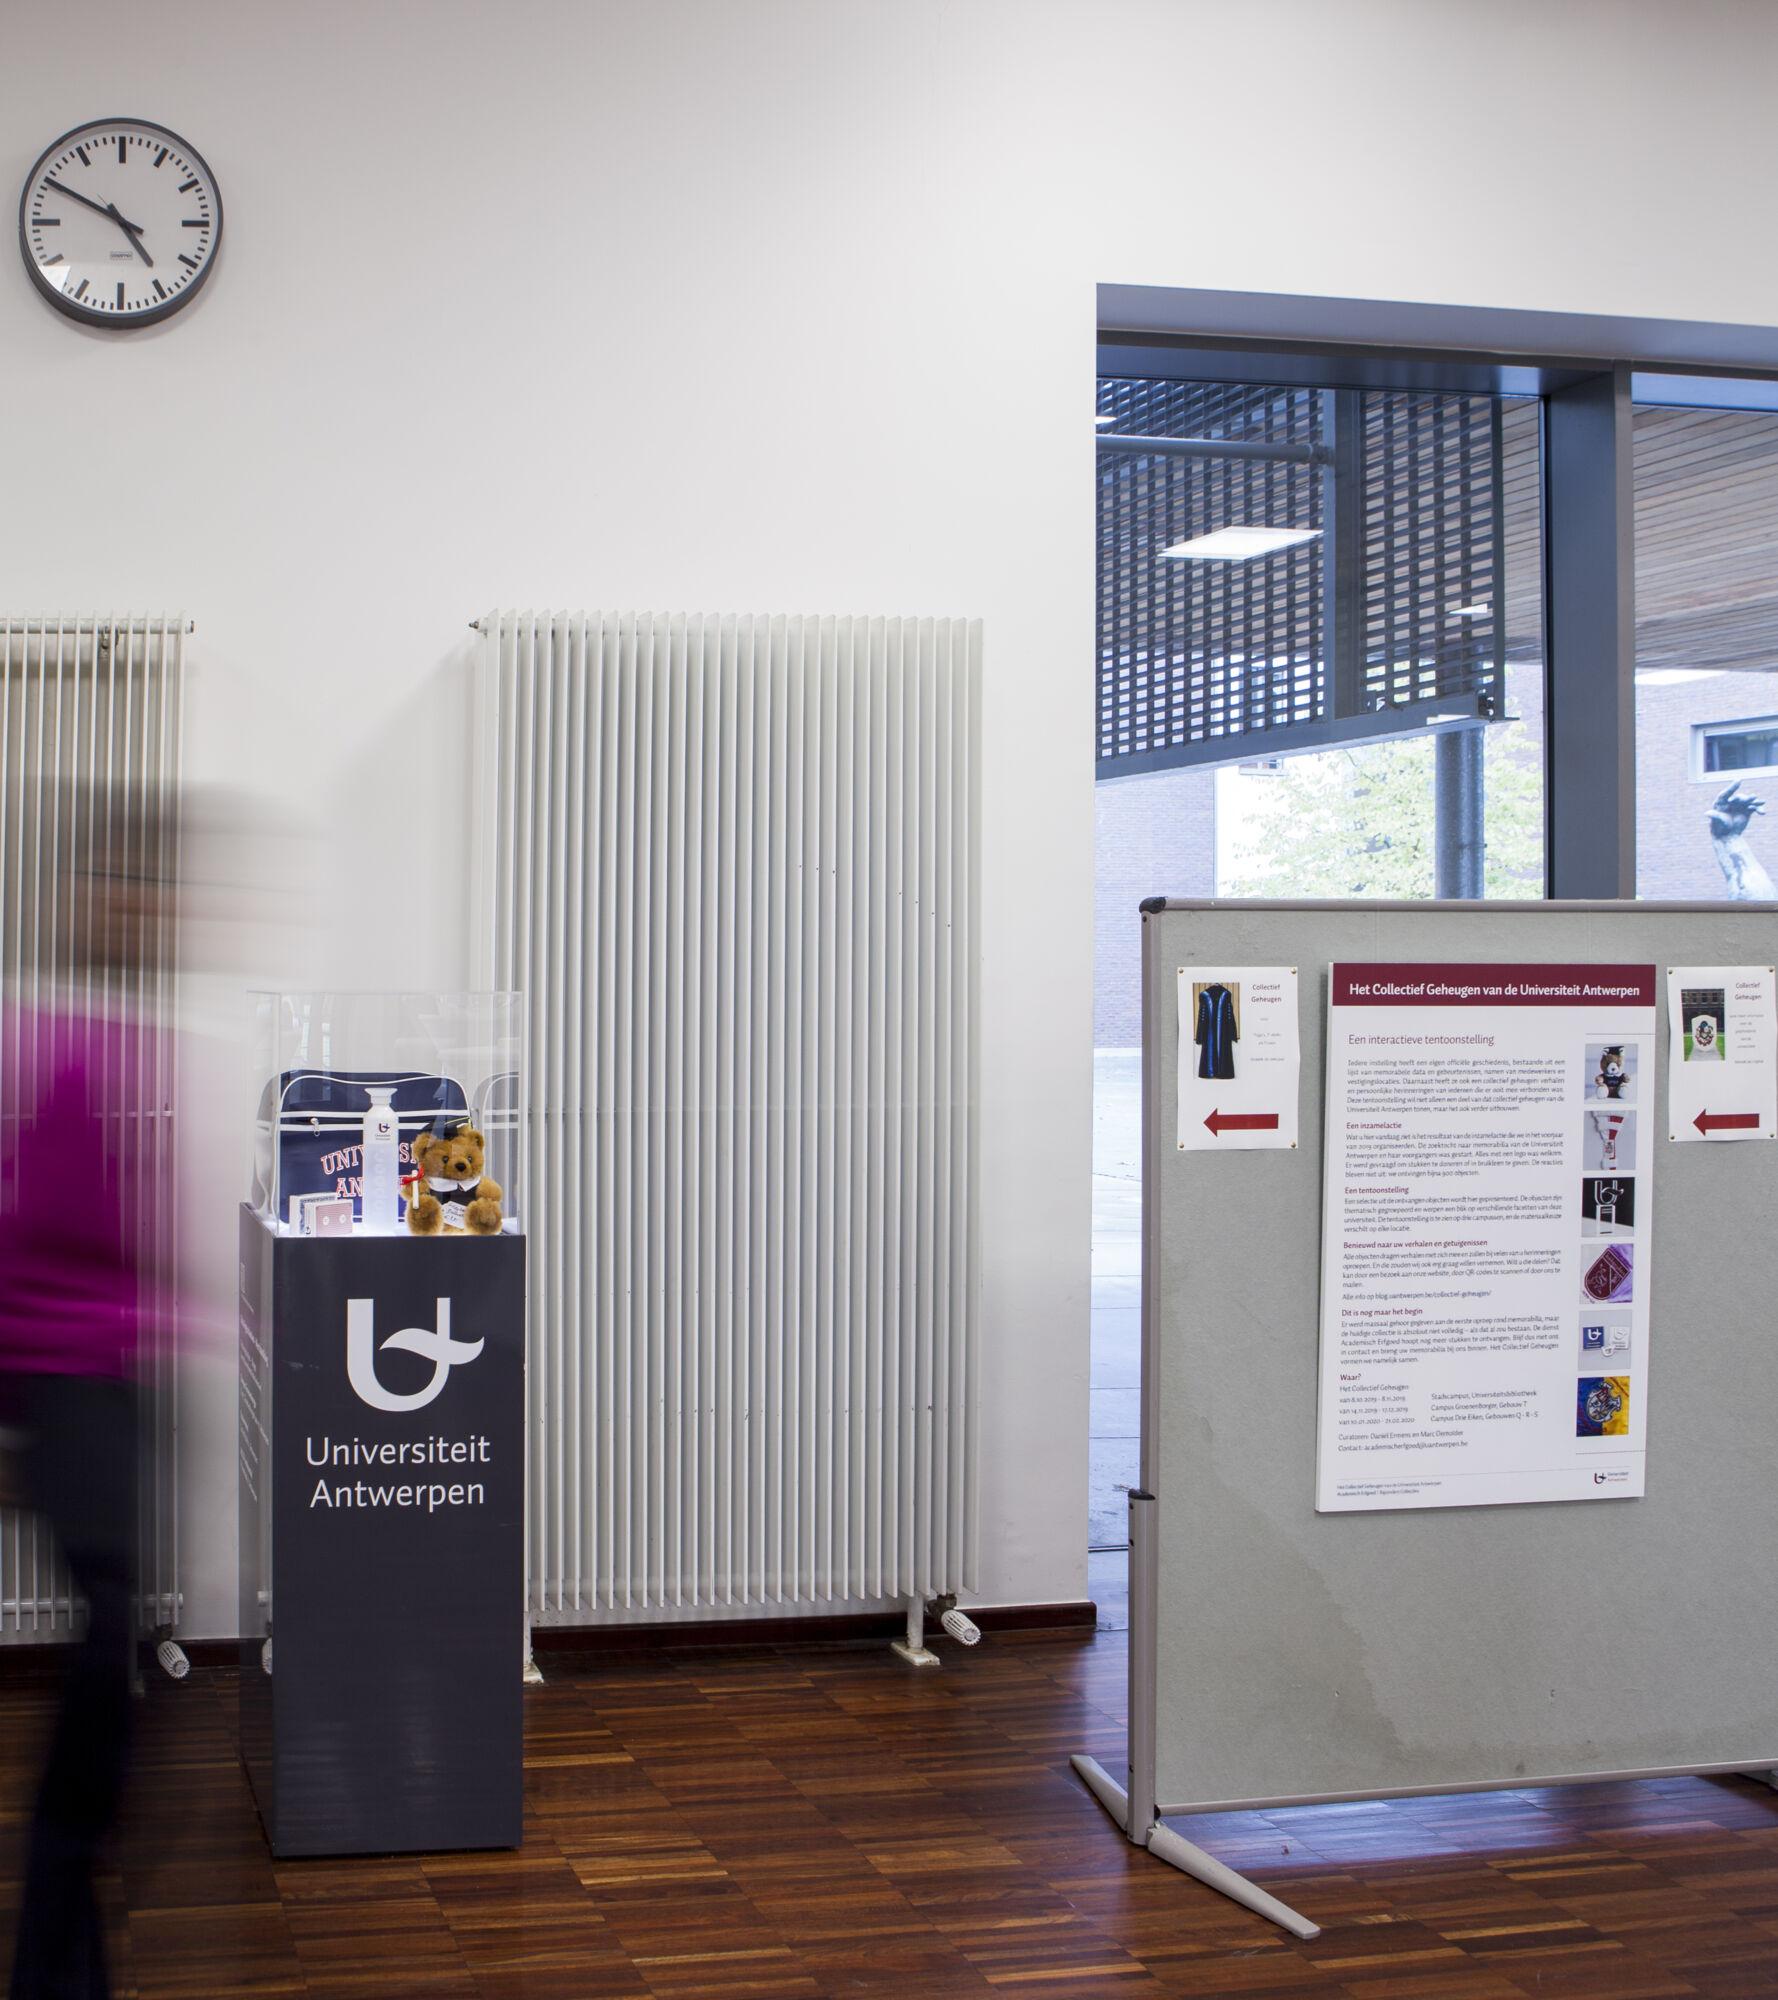 Het Collectief Geheugen van de Universiteit Antwerpen (opening expo)